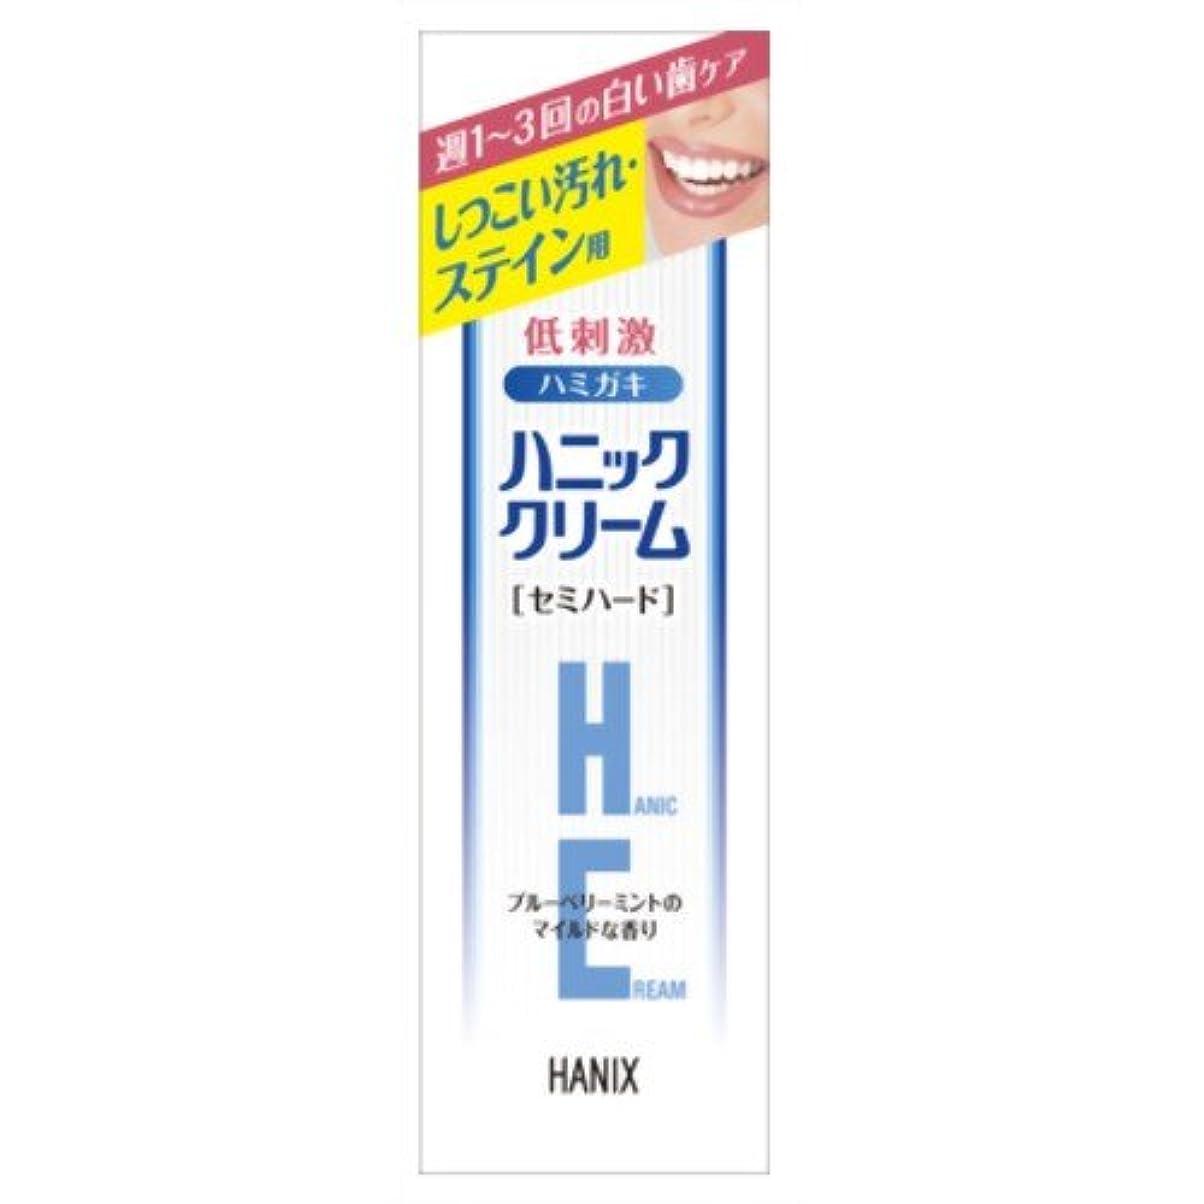 仲人ハック可動式ハニッククリーム セミハード 45g